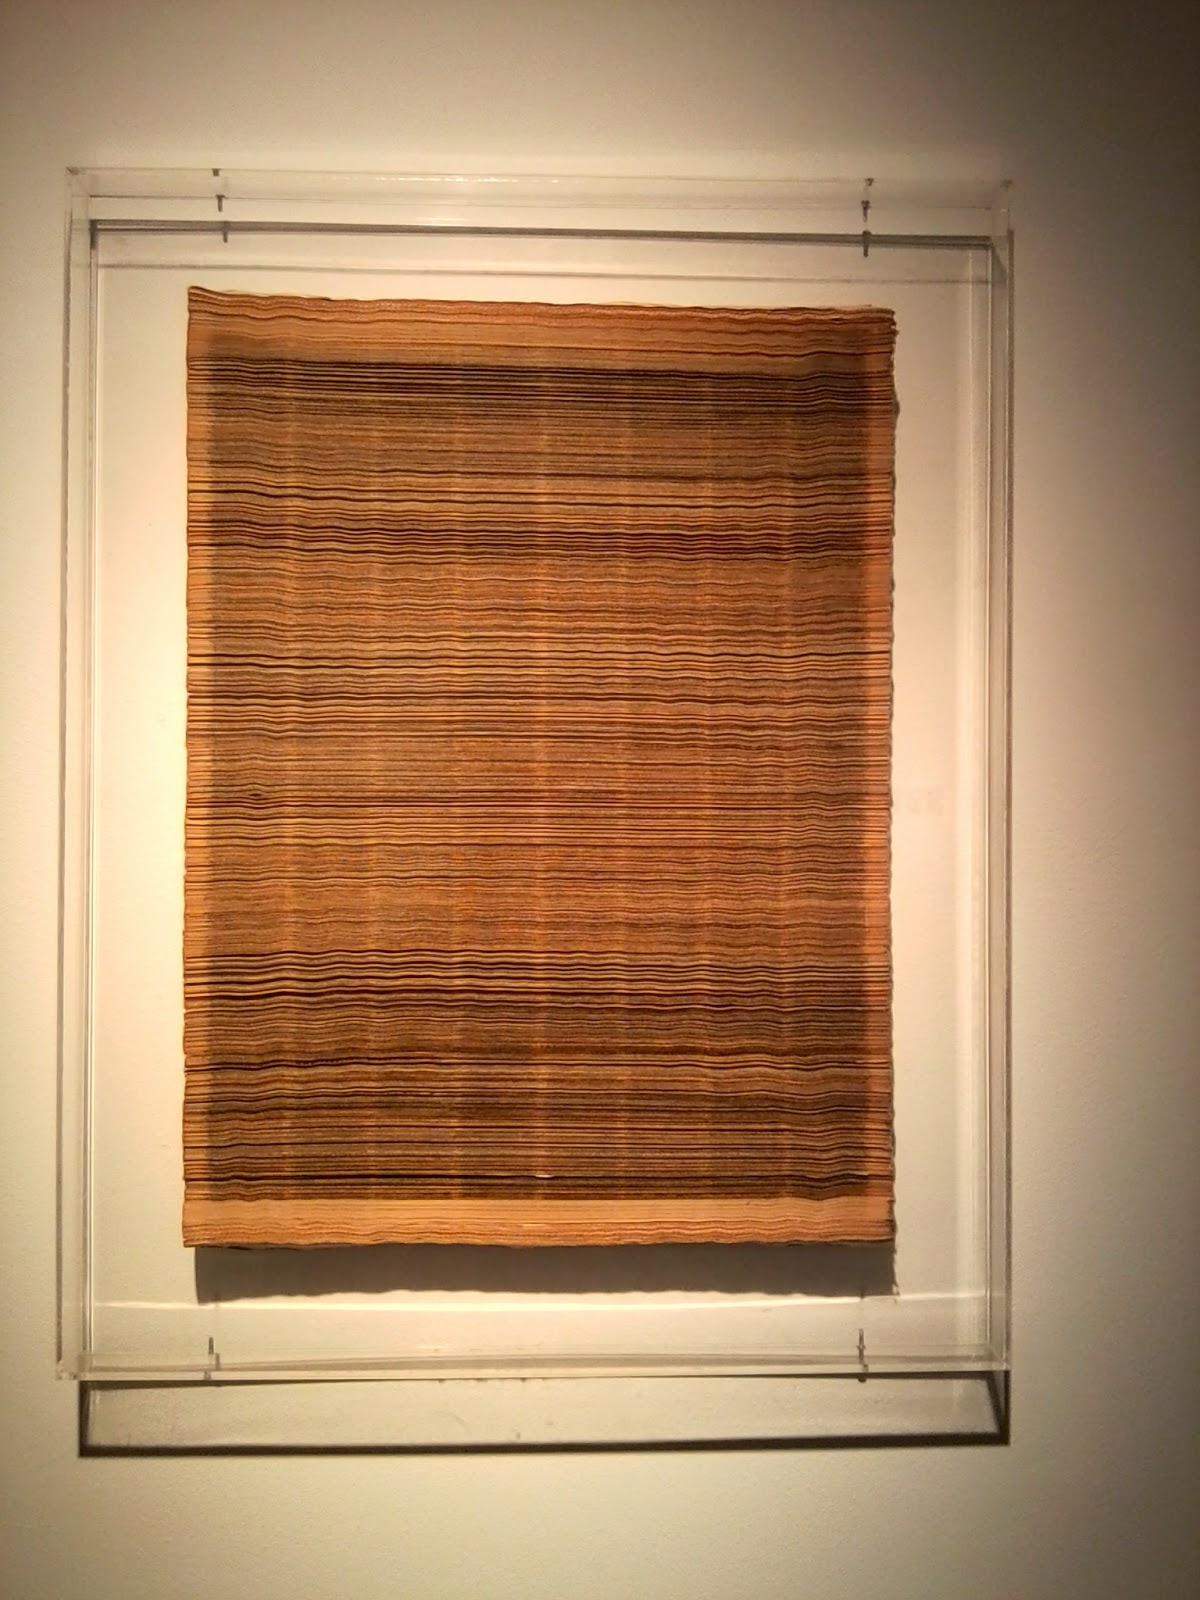 Blog de Arte, Voa-Gallery, Fundación ARCO, Colección, fotografía, Centro de Arte Alcobendas, Exposición temporal, Variation, Instalación, Denmark,